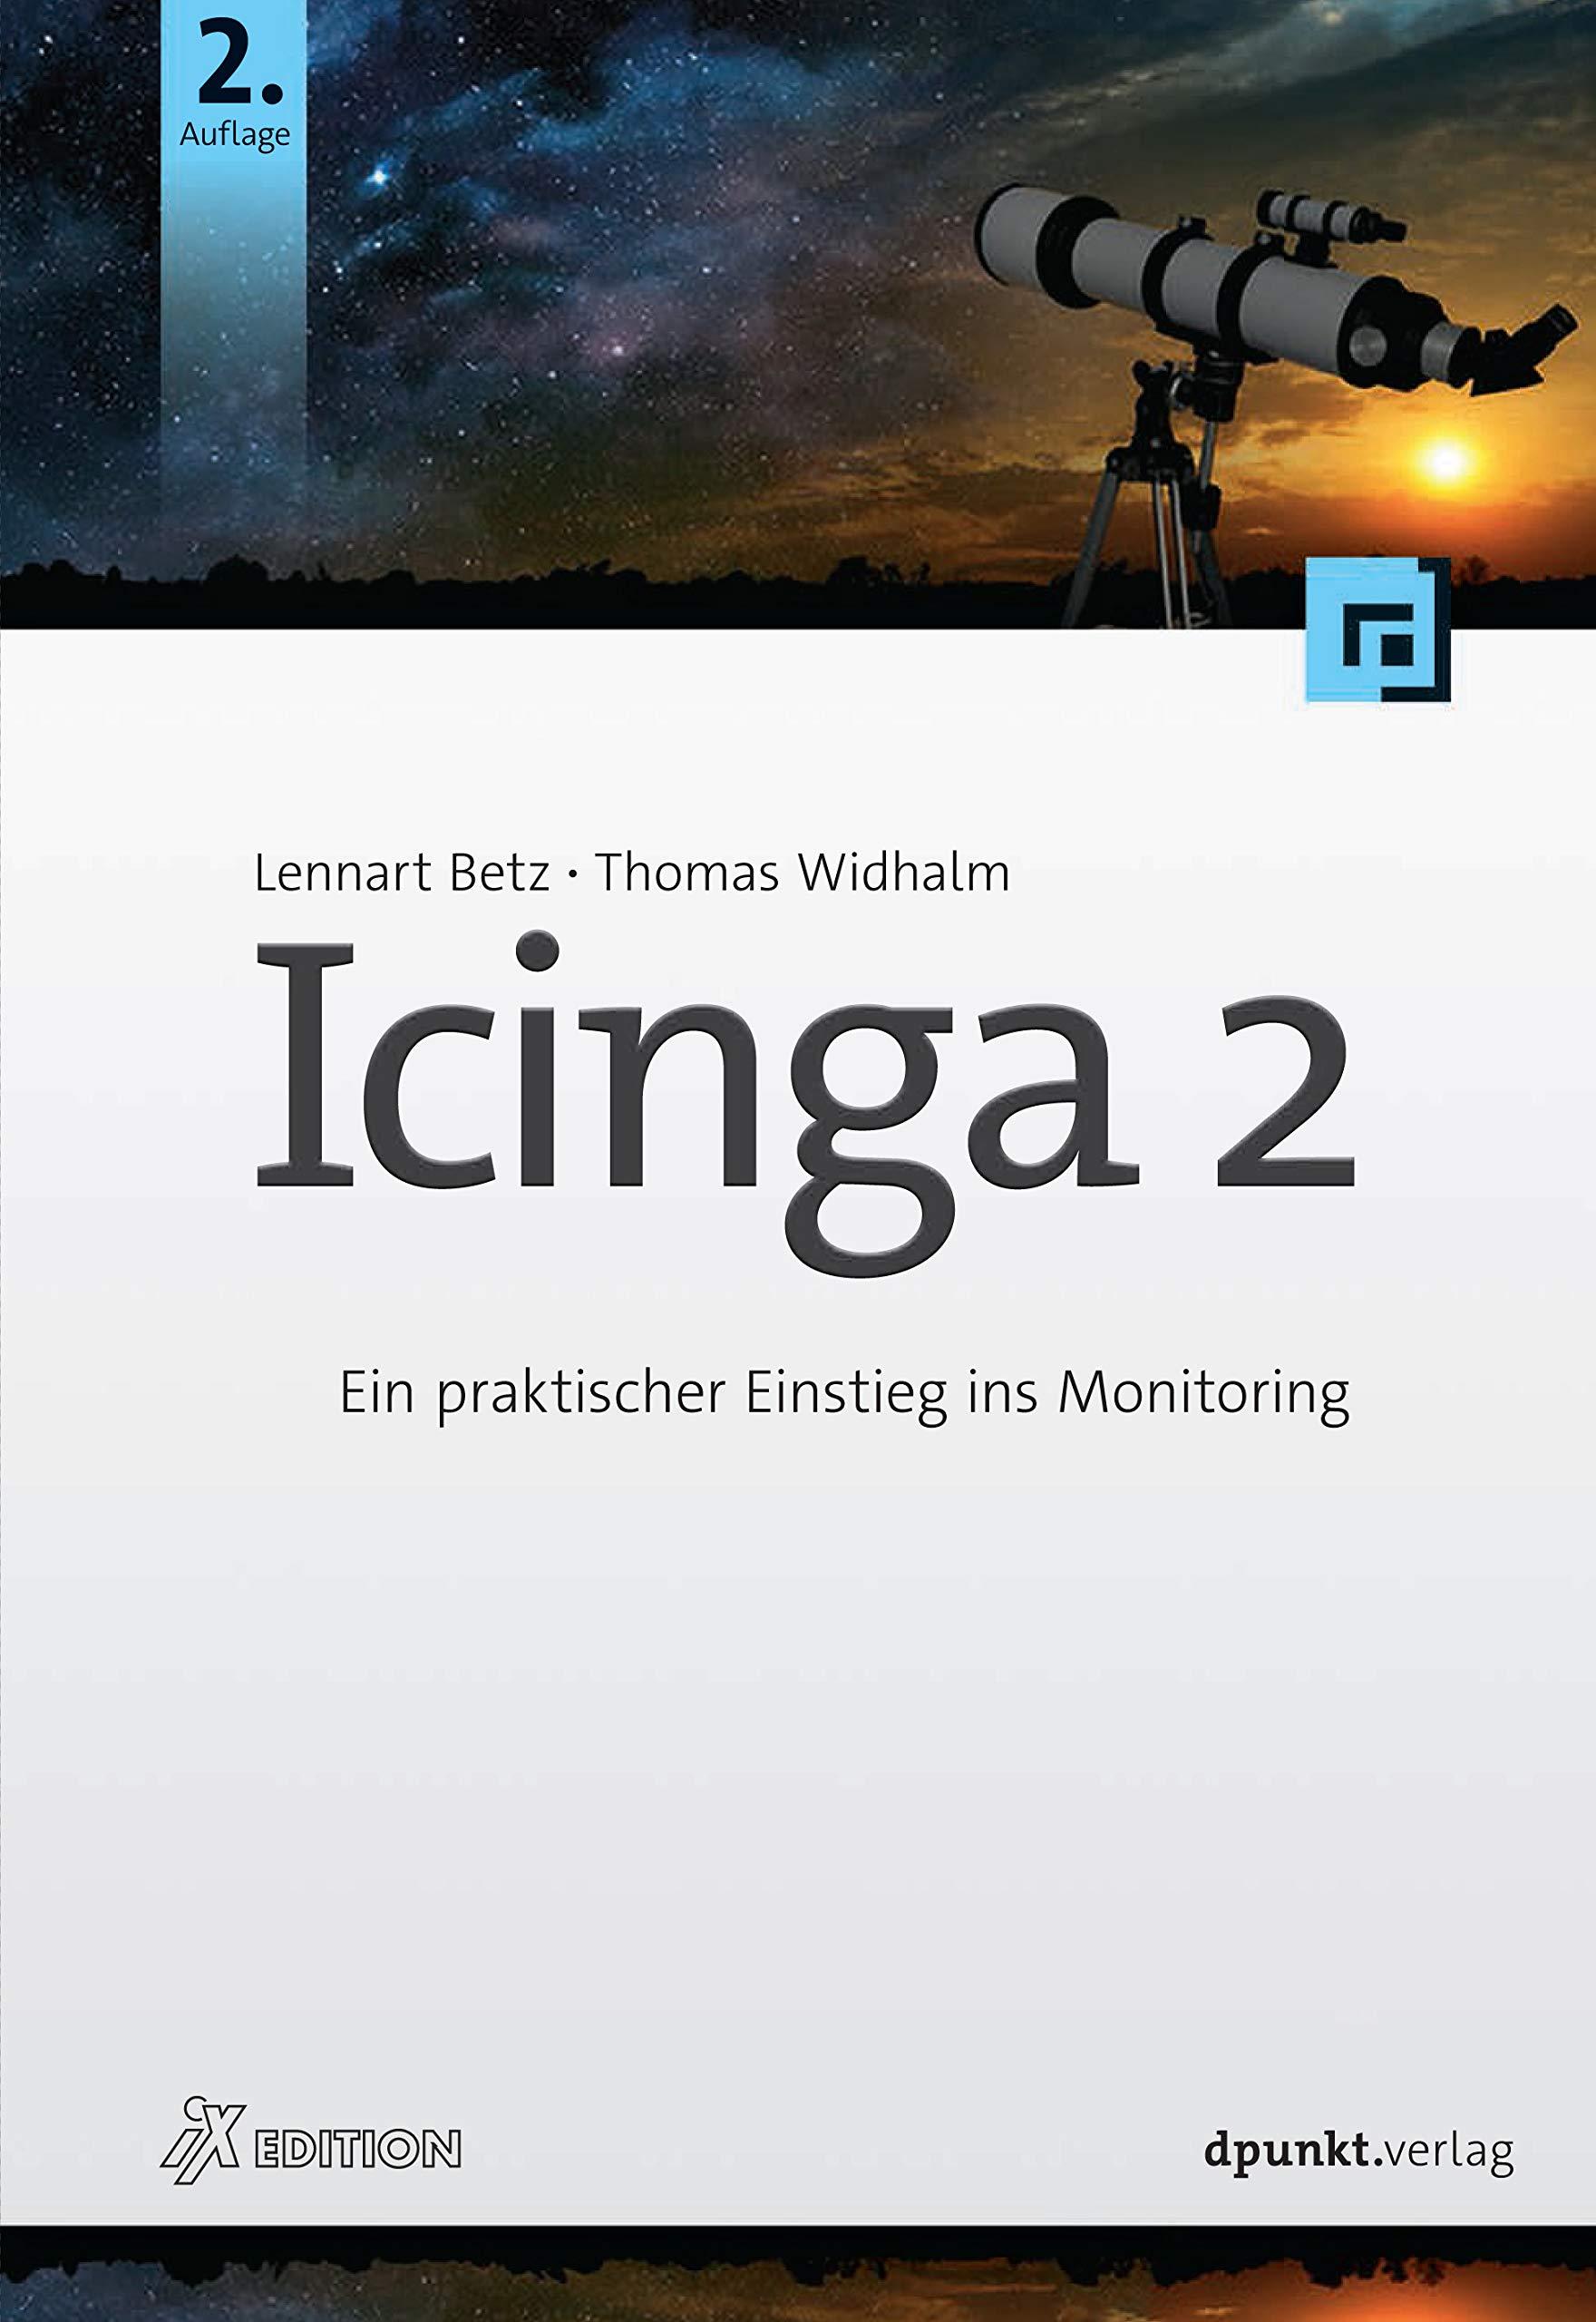 Icinga 2: Ein praktischer Einstieg ins Monitoring (iX Edition) Taschenbuch – 30. Juli 2018 Lennart Betz Thomas Widhalm dpunkt.verlag GmbH 3864905567